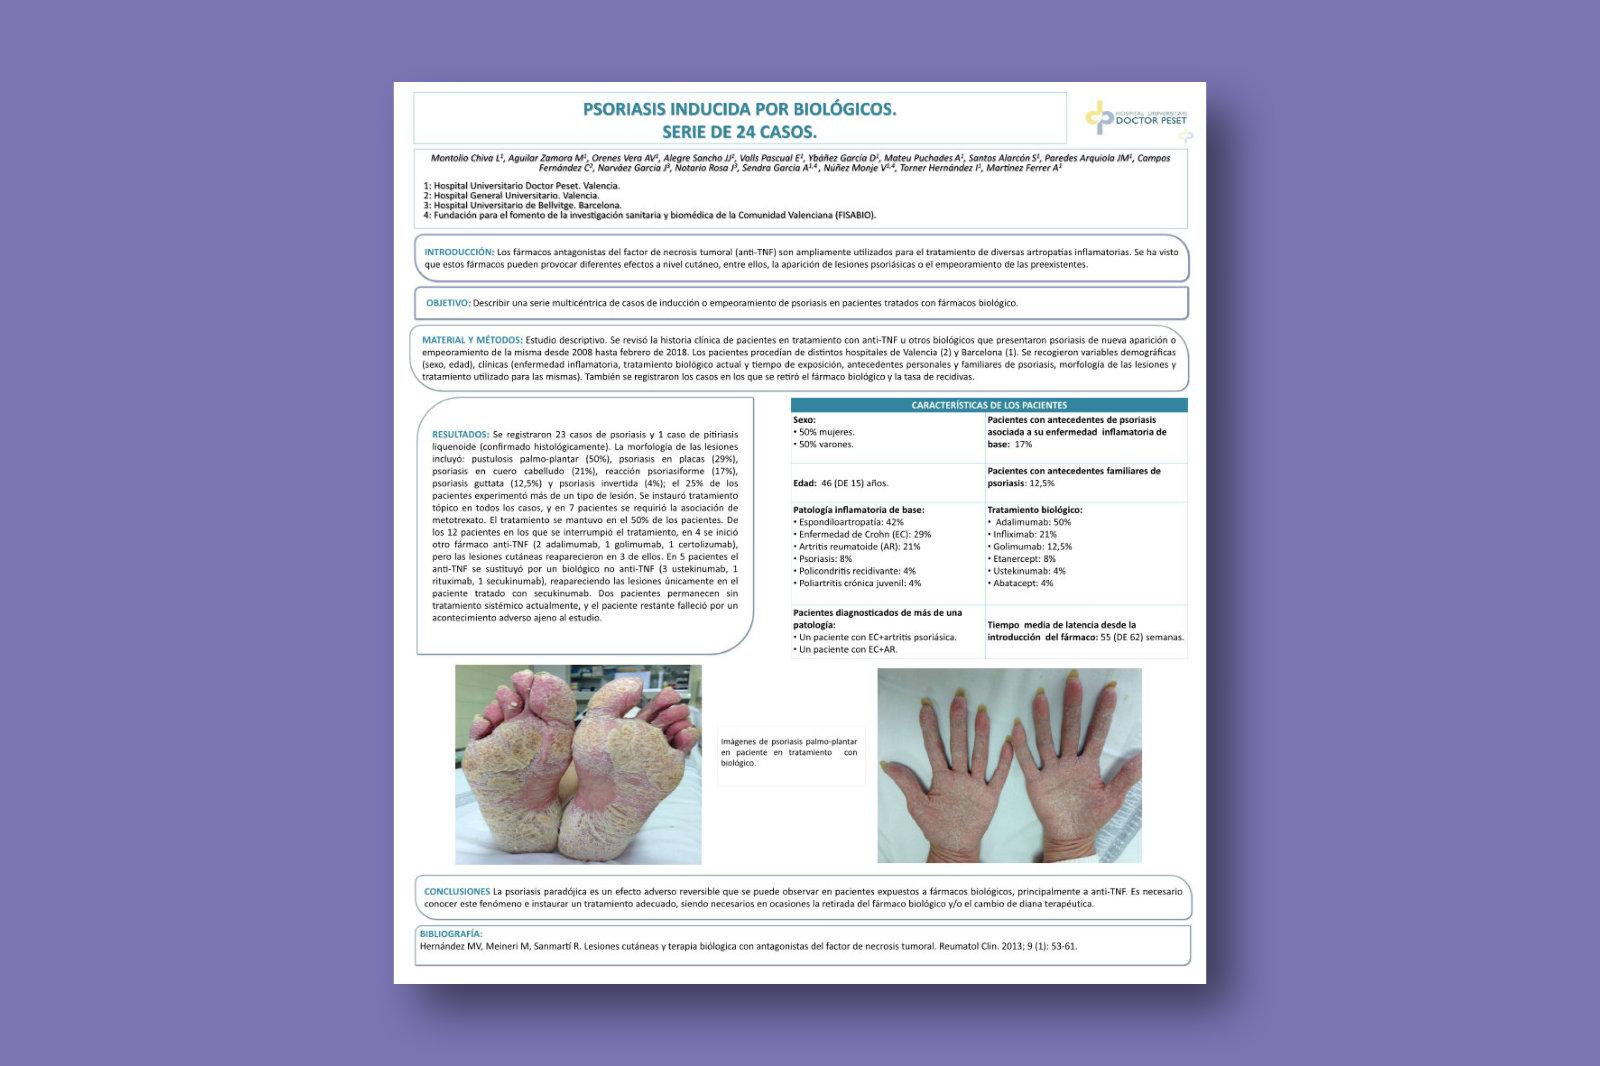 Psoriasis inducida por biológicos. Serie de 24 casos